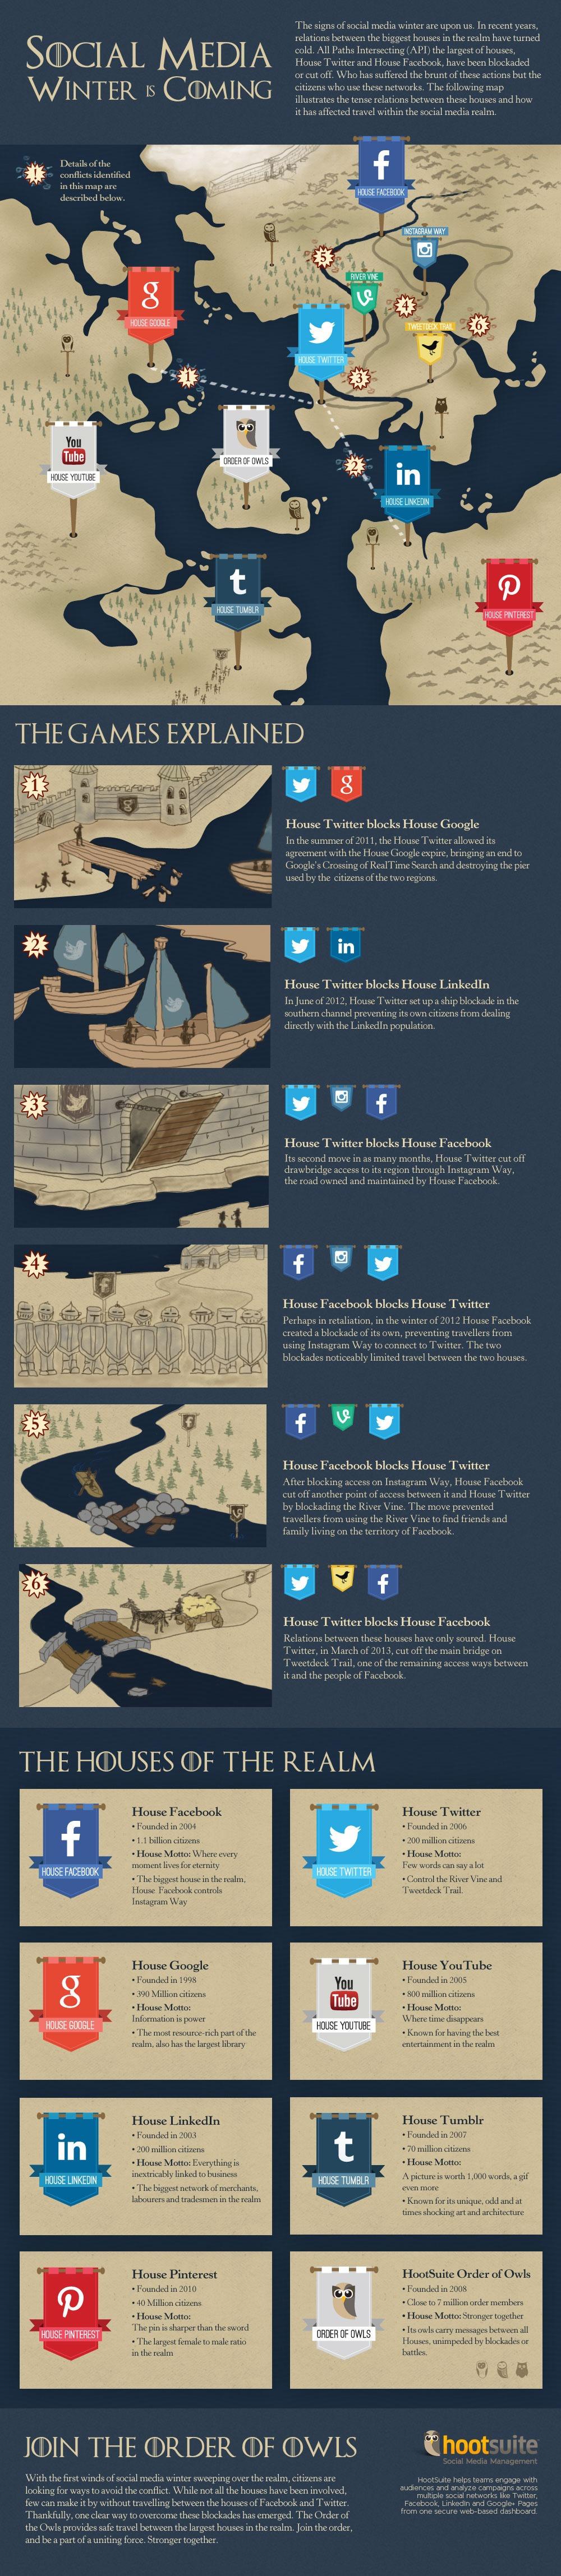 redes sociales juego de tronos